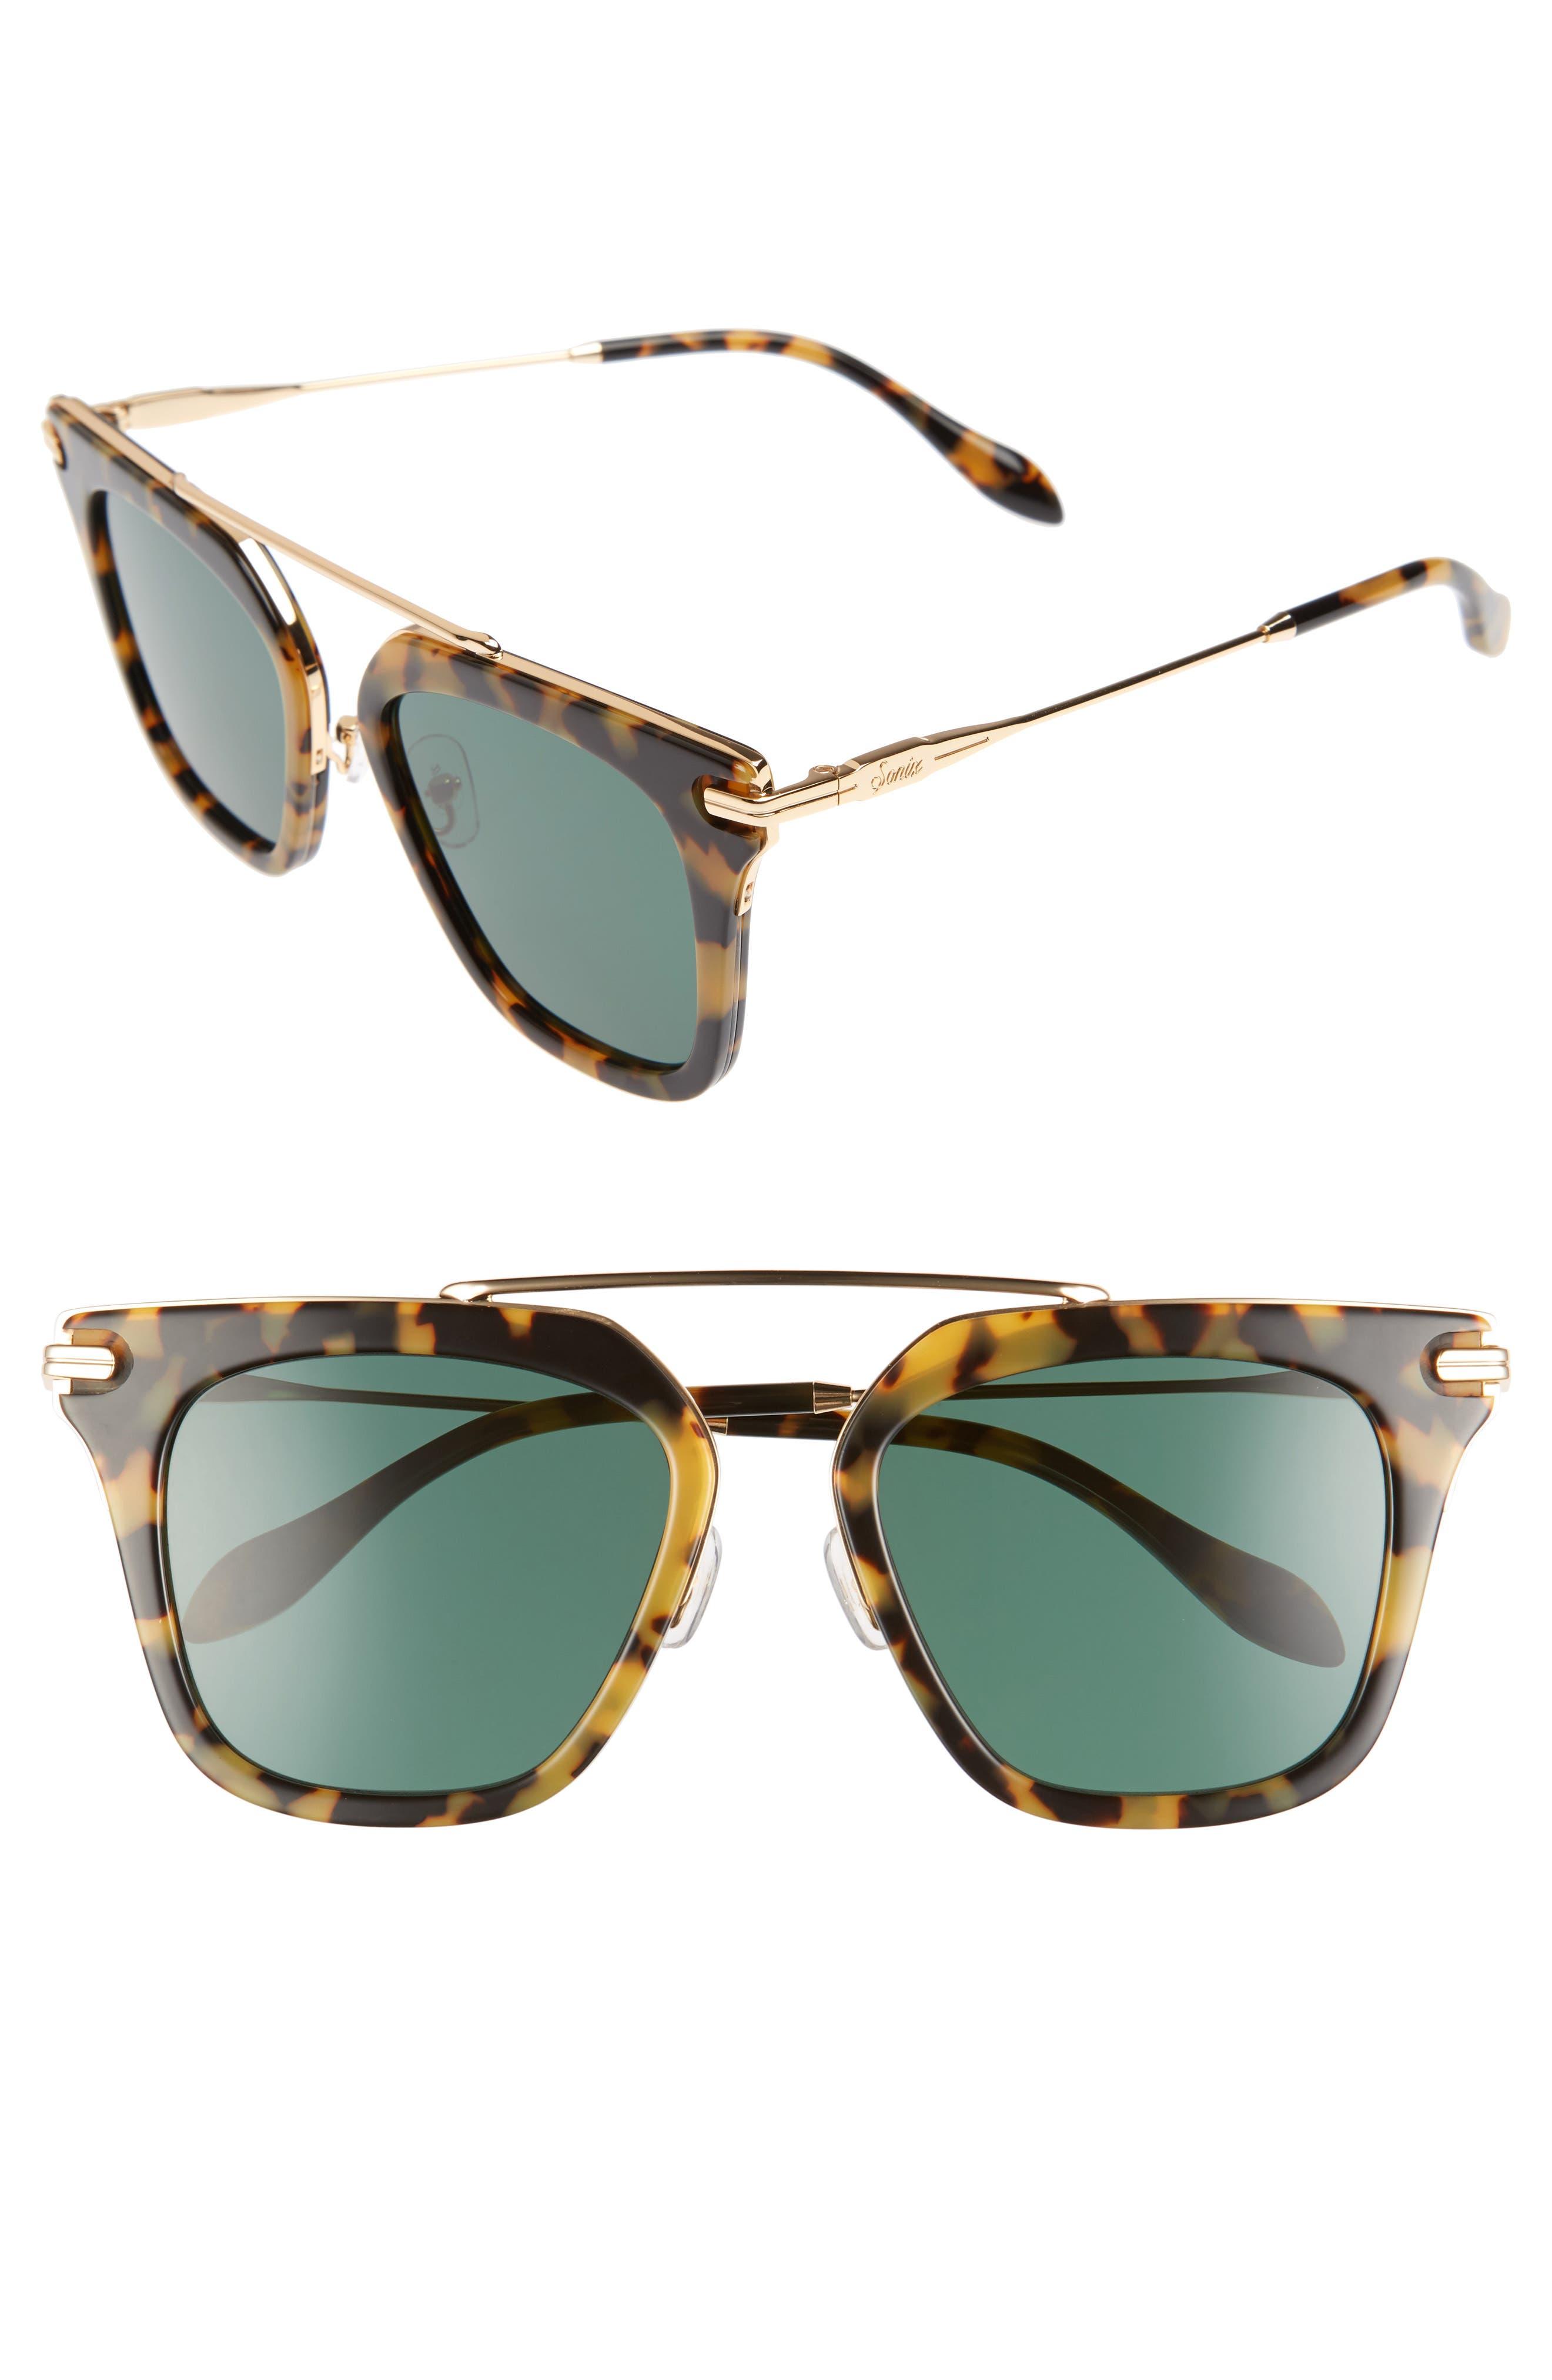 Sonix Parker 50mm Sunglasses